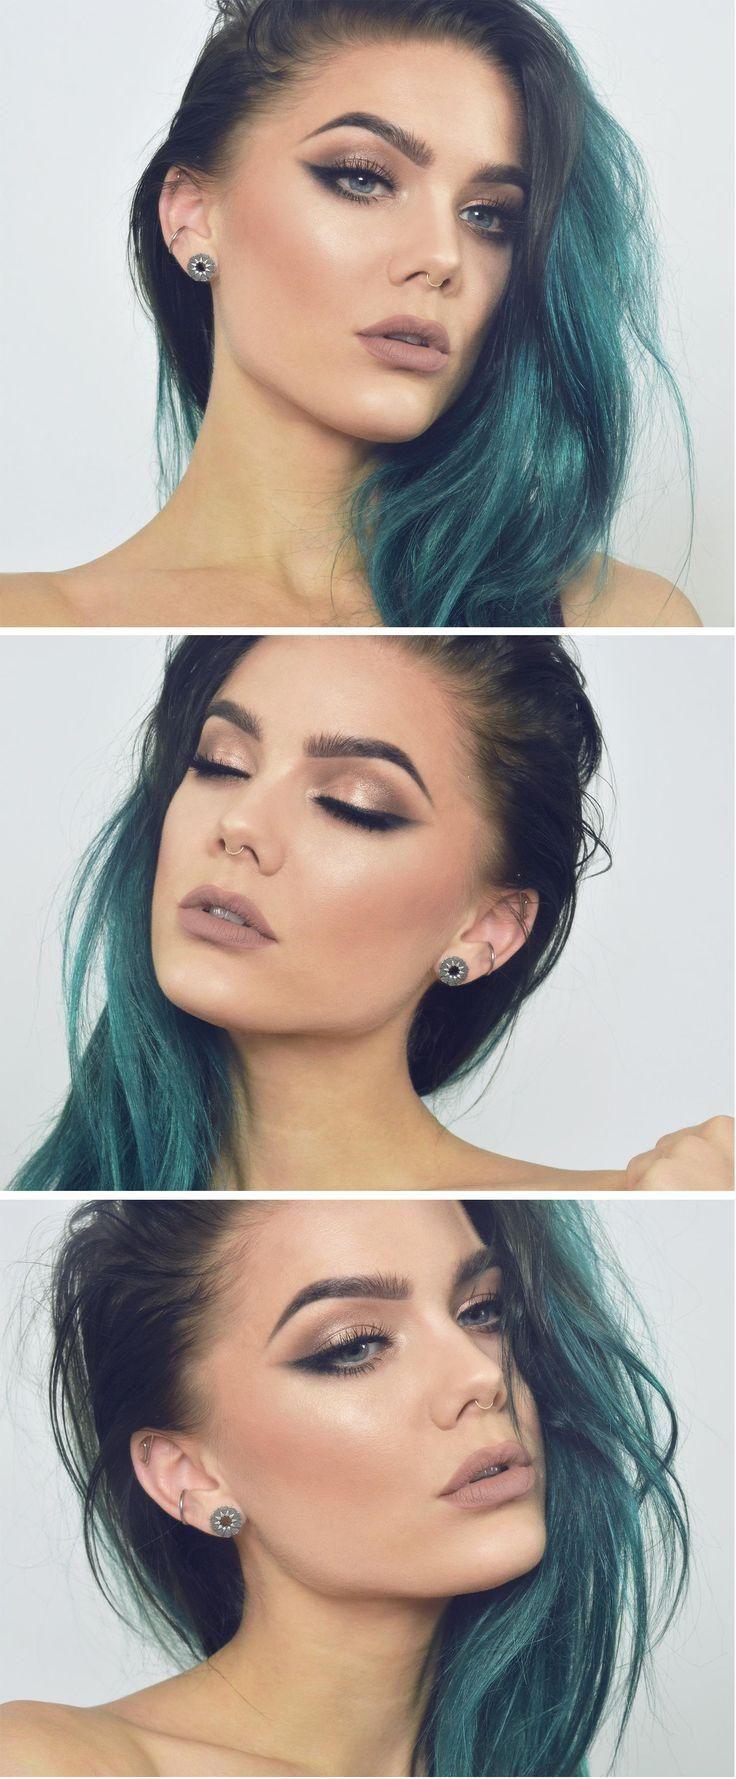 Make-up – Linda Hallberg #2851563 – Weddbook